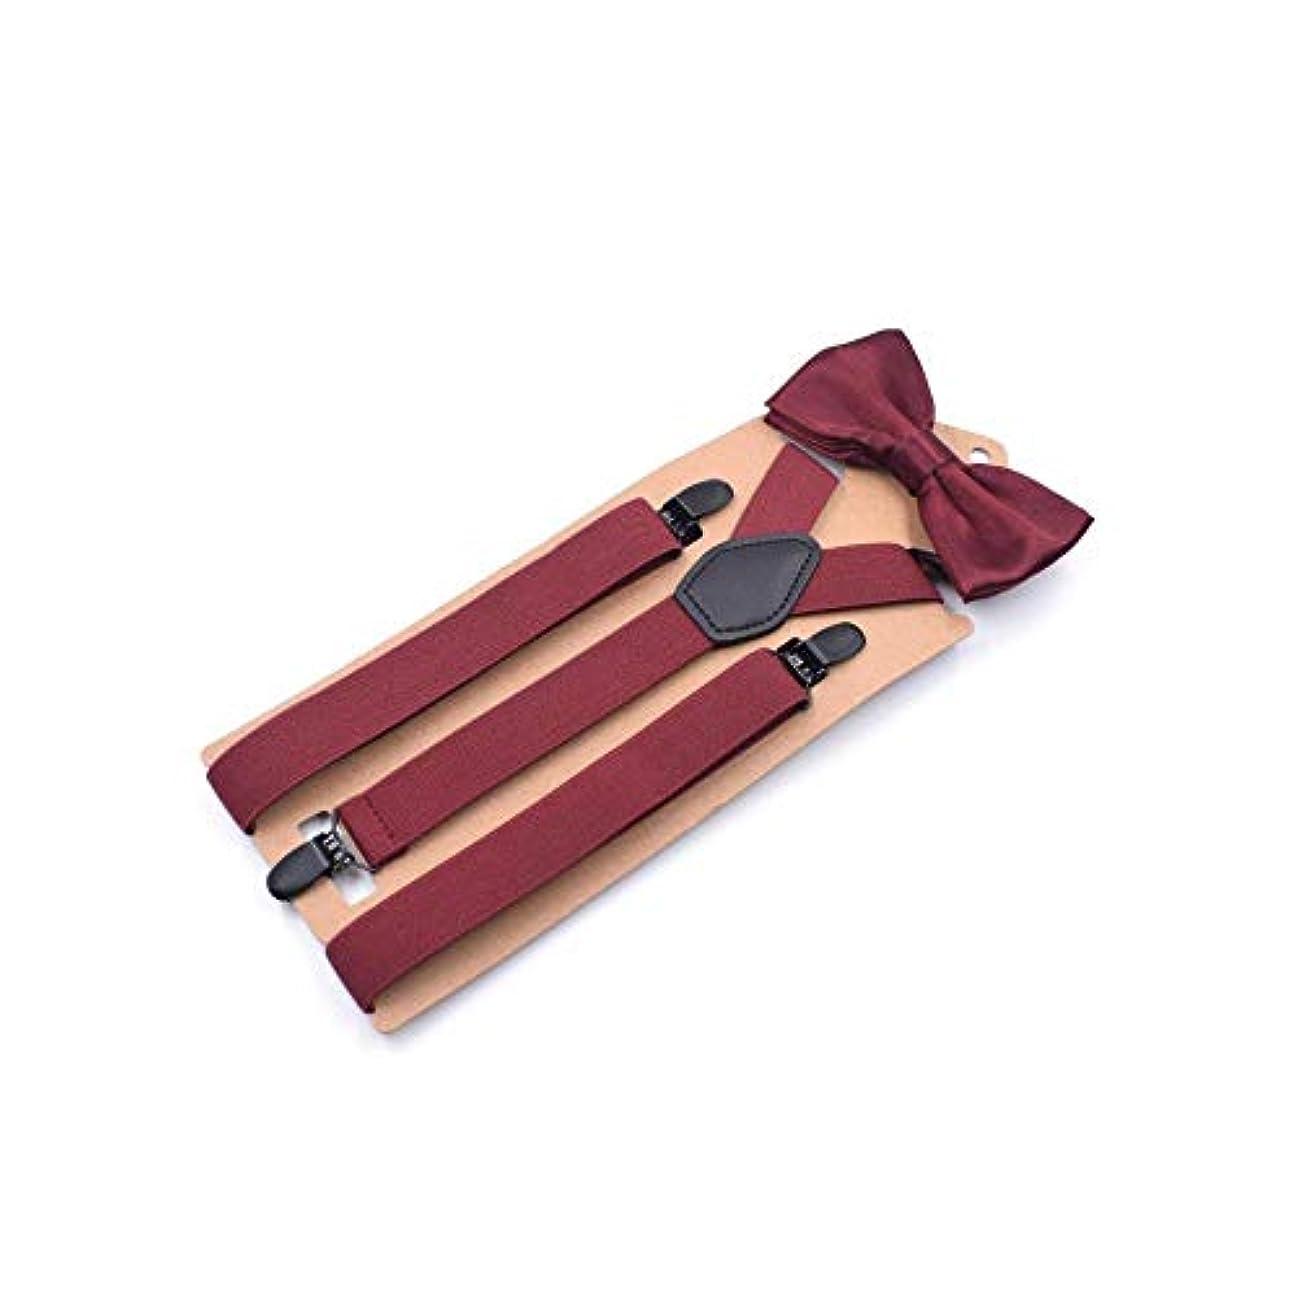 ボット保護する枕Y字型 大人3クリップY字型サスペンダー蝶ネクタイセット調節可能なブレース弾性ストラップセット ポリエステル+弾性